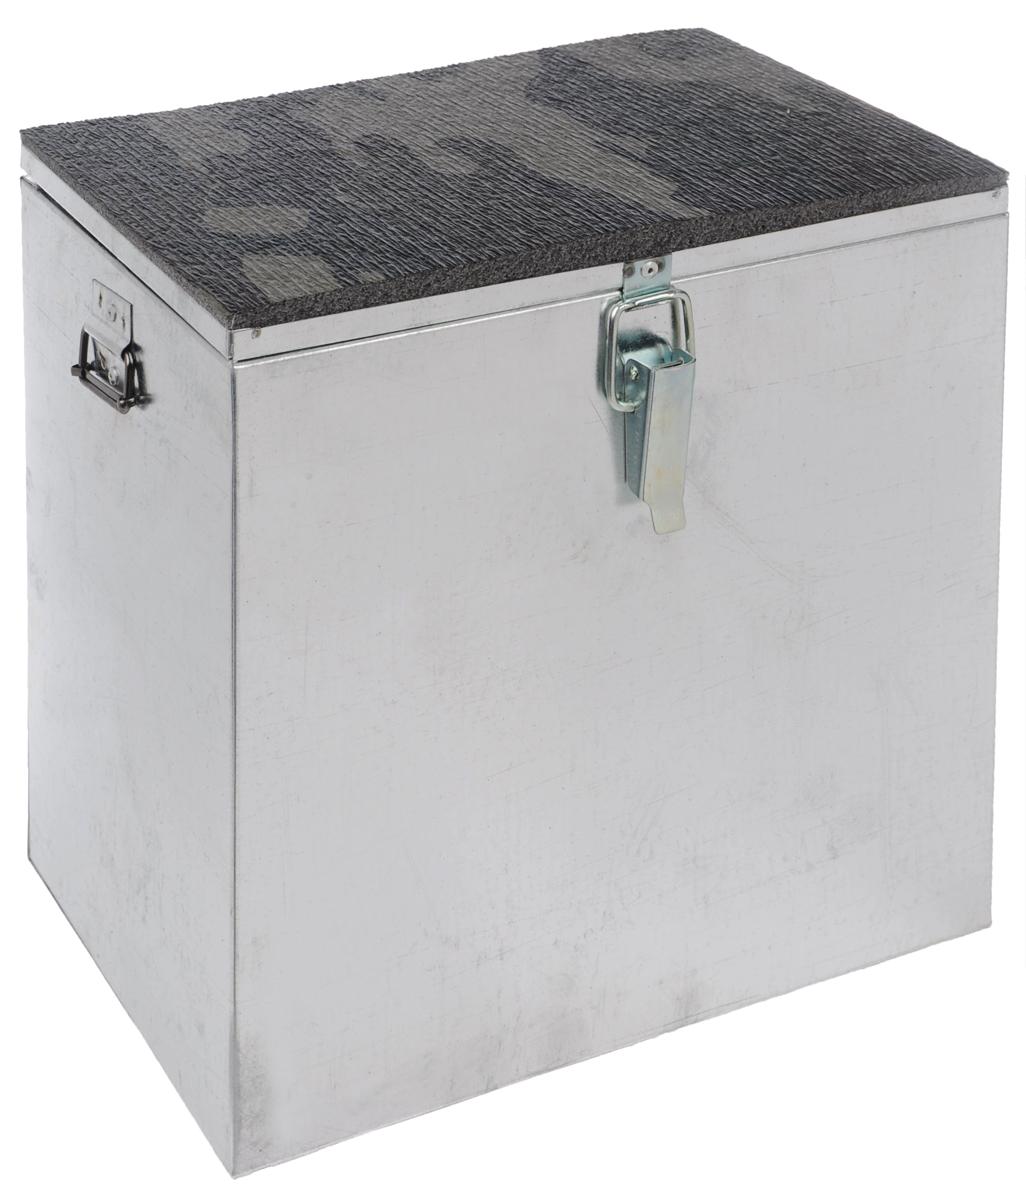 Ящик рыболова Рост, оцинкованный, 30 см х 19 см х 29 см2447Прочный и надежный ящик Рост, выполненный из высококачественной оцинкованной стали, сможет не один год прослужить любителю зимней рыбалки для транспортировки снастей и улова. Служащая сиденьем верхняя часть крышки оклеена плотным теплоизолятором - пенополиэтиленом с рифленой поверхностью. Боковые стенки емкости снабжены петлями для крепления идущего в комплекте плечевого ремня.